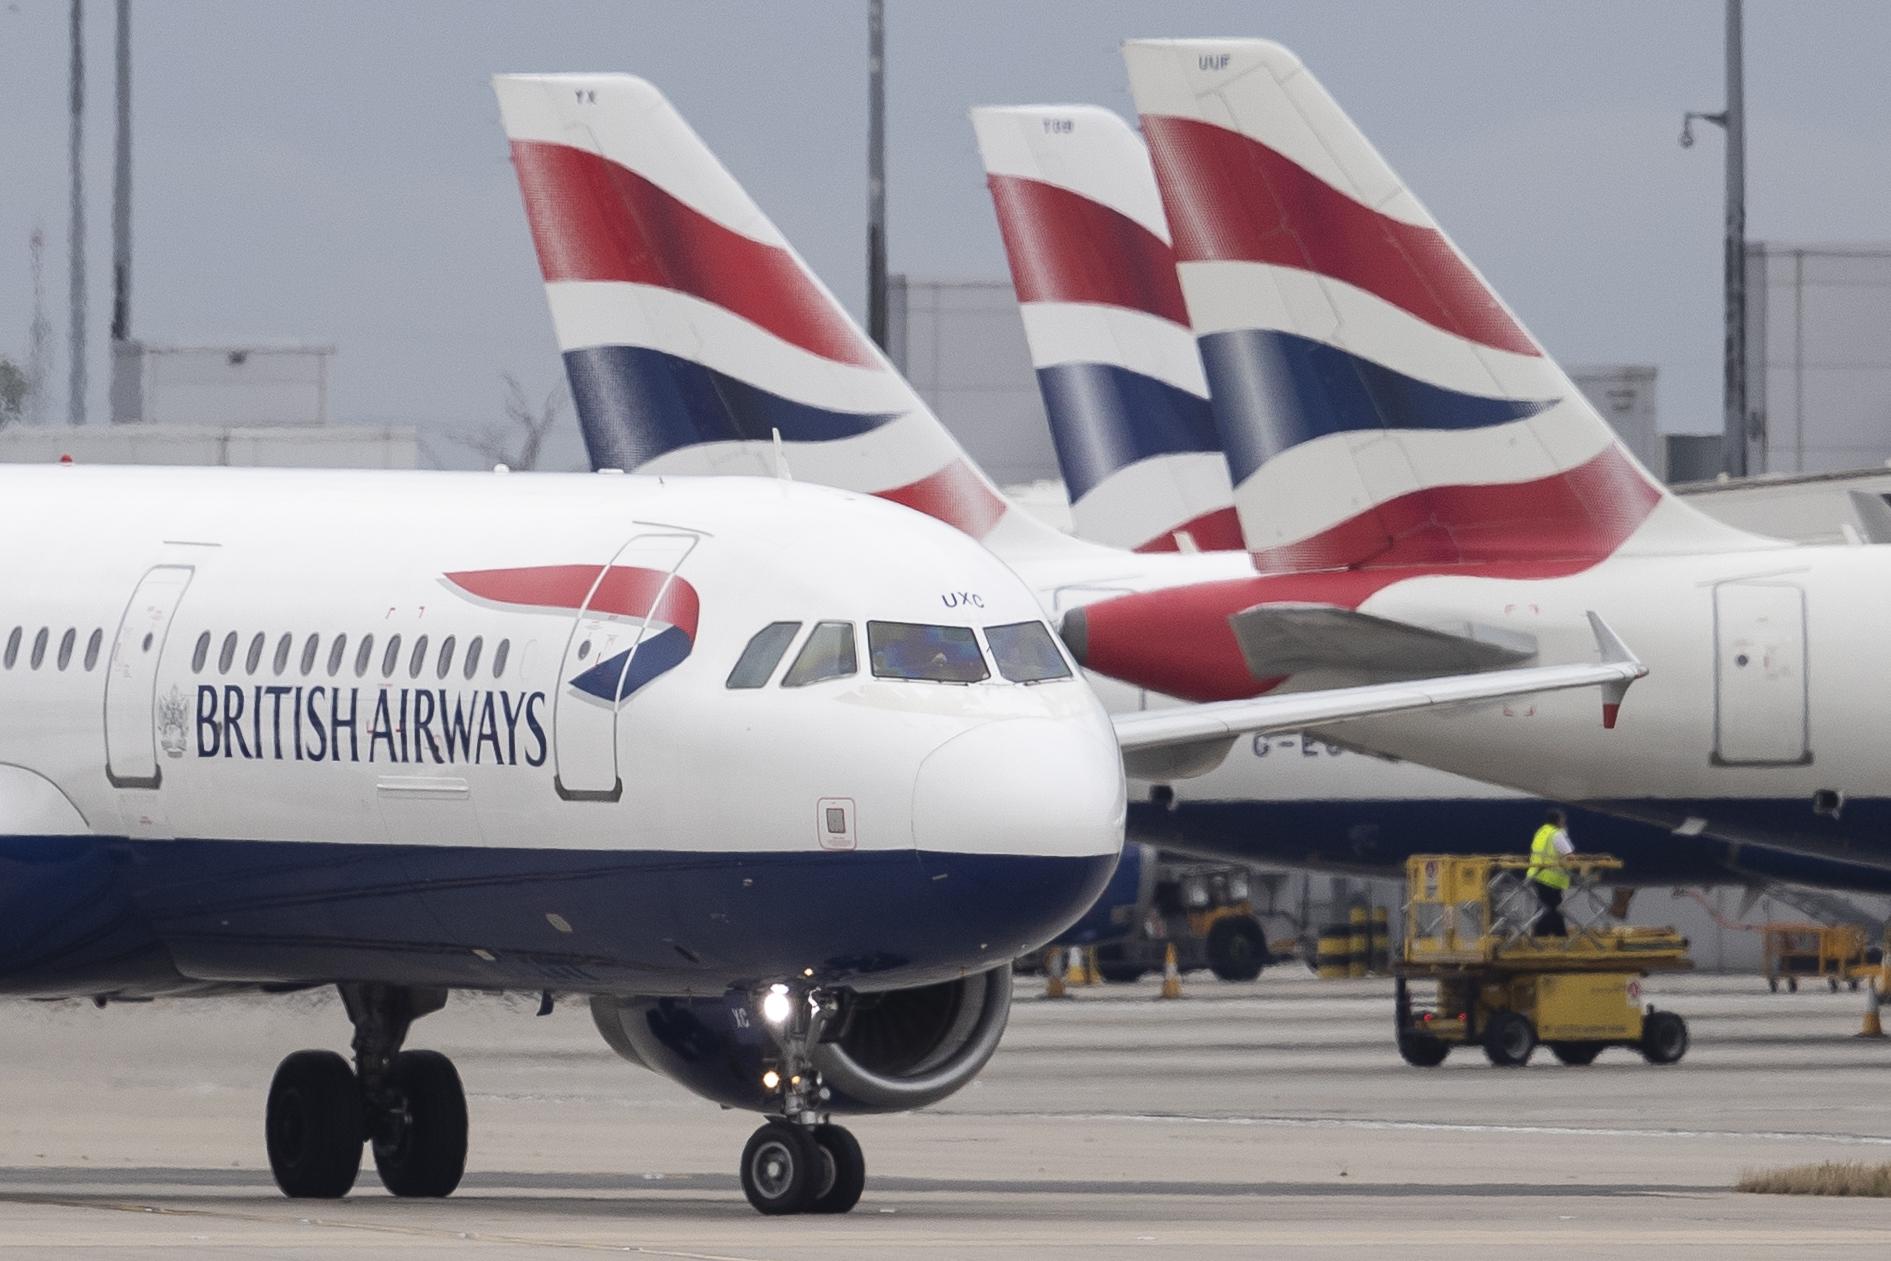 Pilot strike grounds British Airways passengers - Marketplace